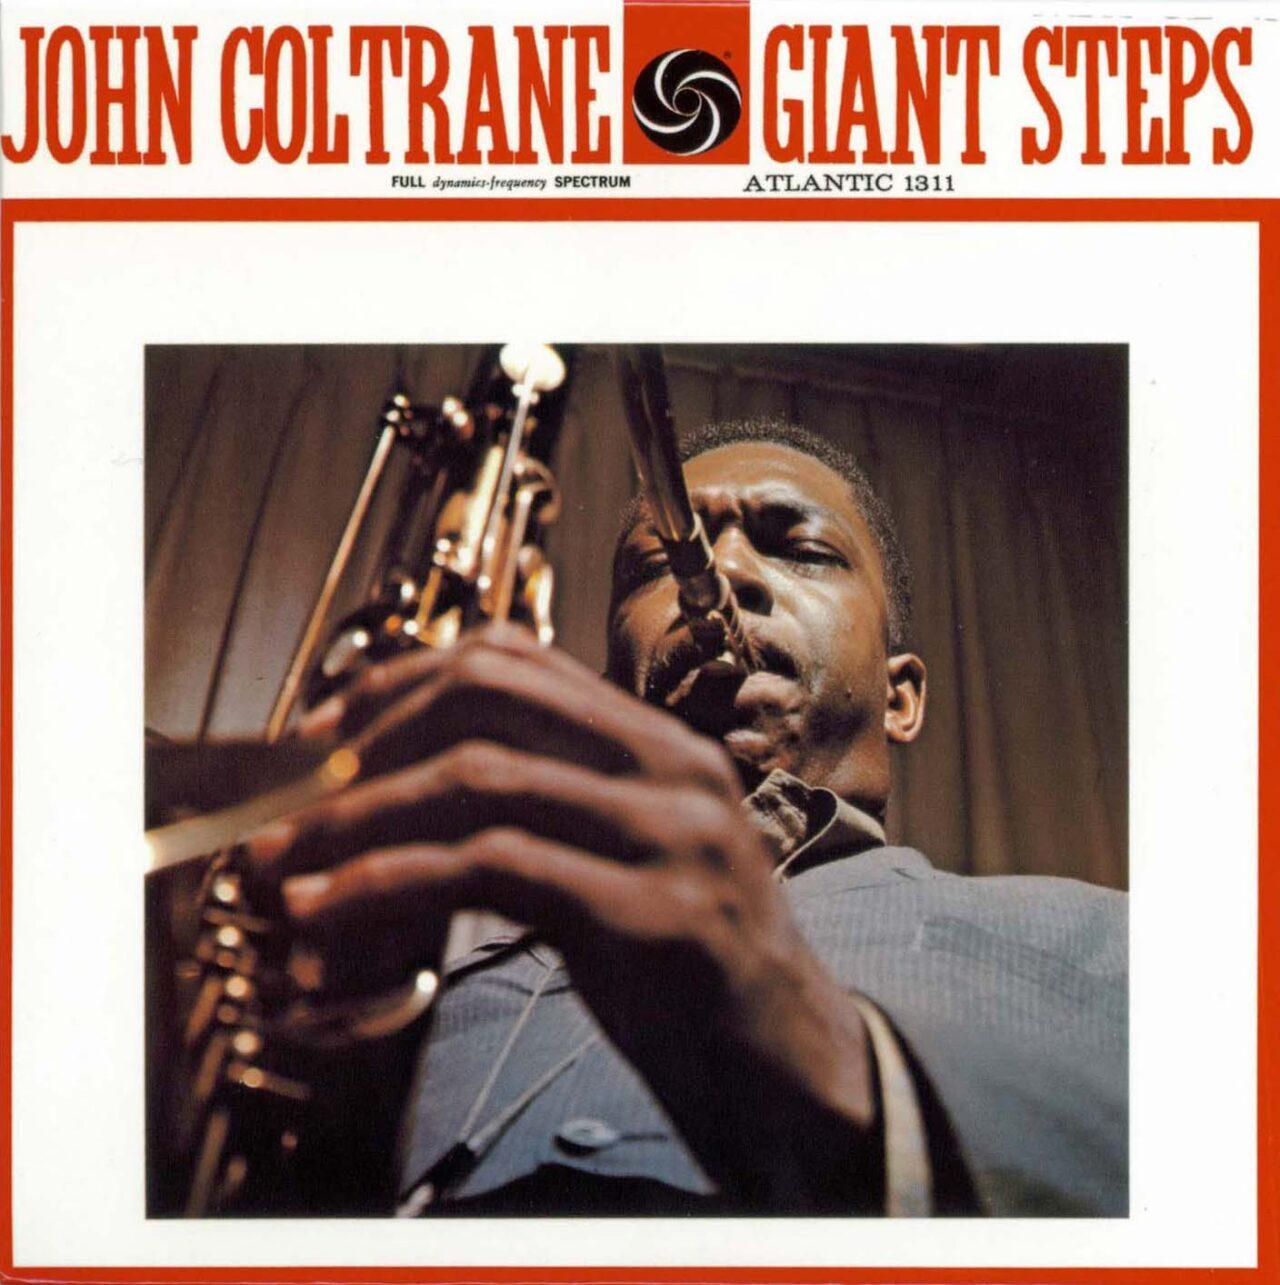 John Coltrane - Giant Steps LP+Libro